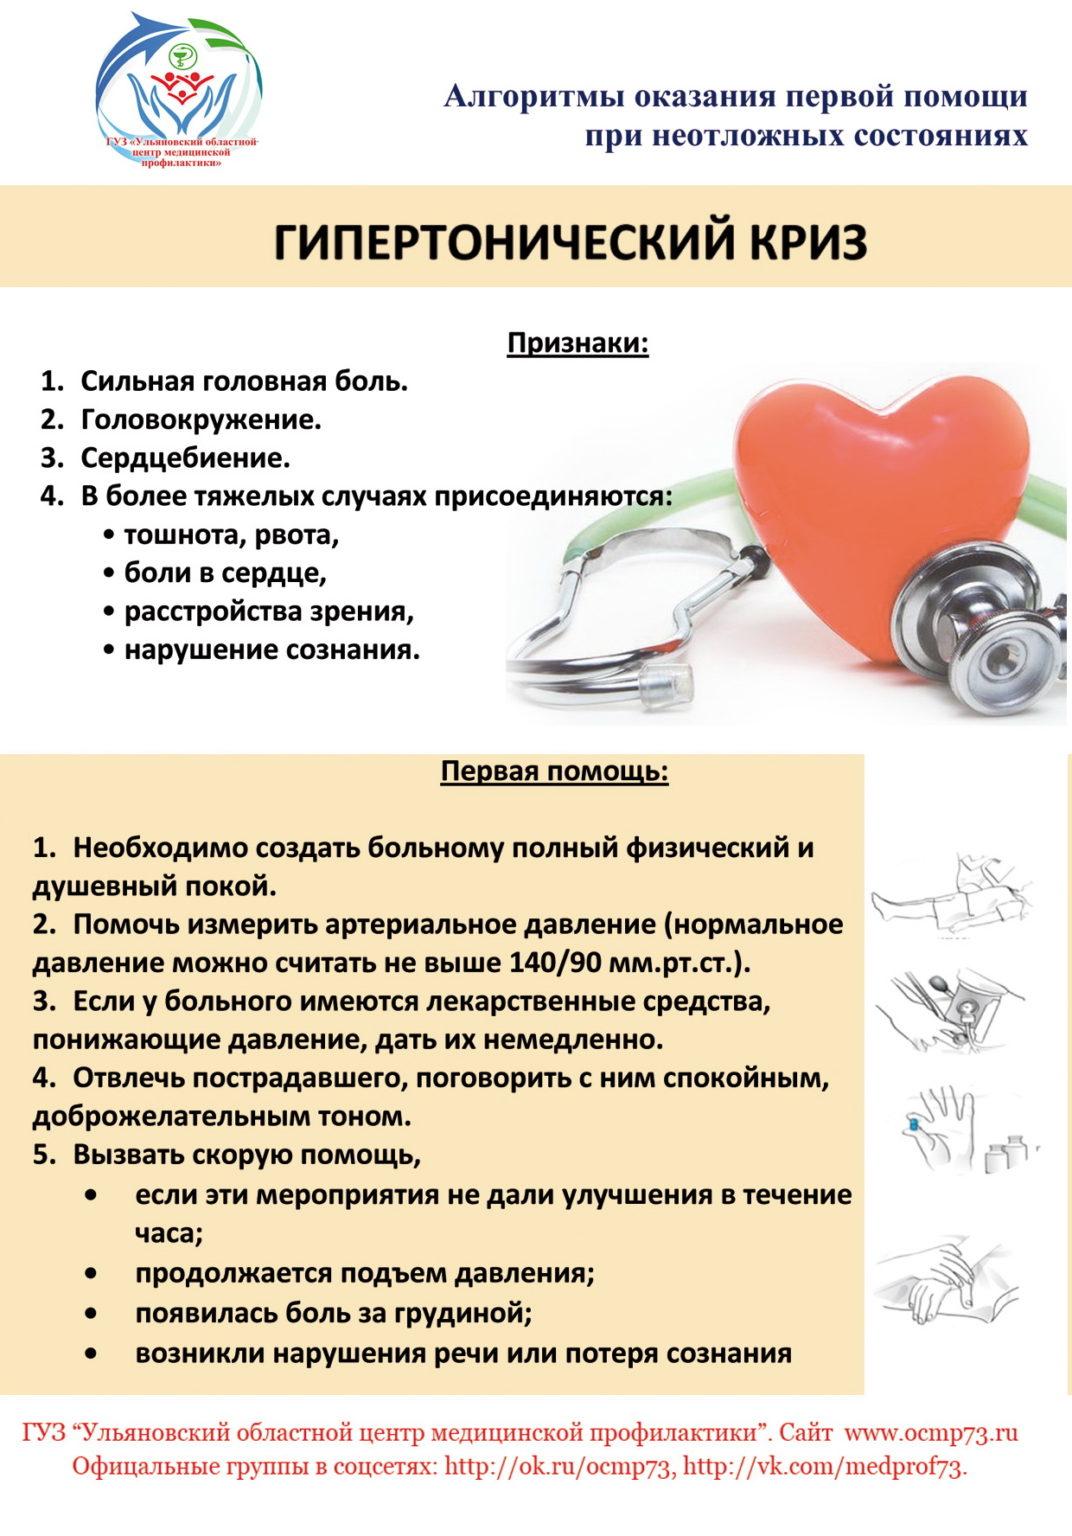 Гипертонический криз: причины, симптомы, лечение, прогноз, профилактика